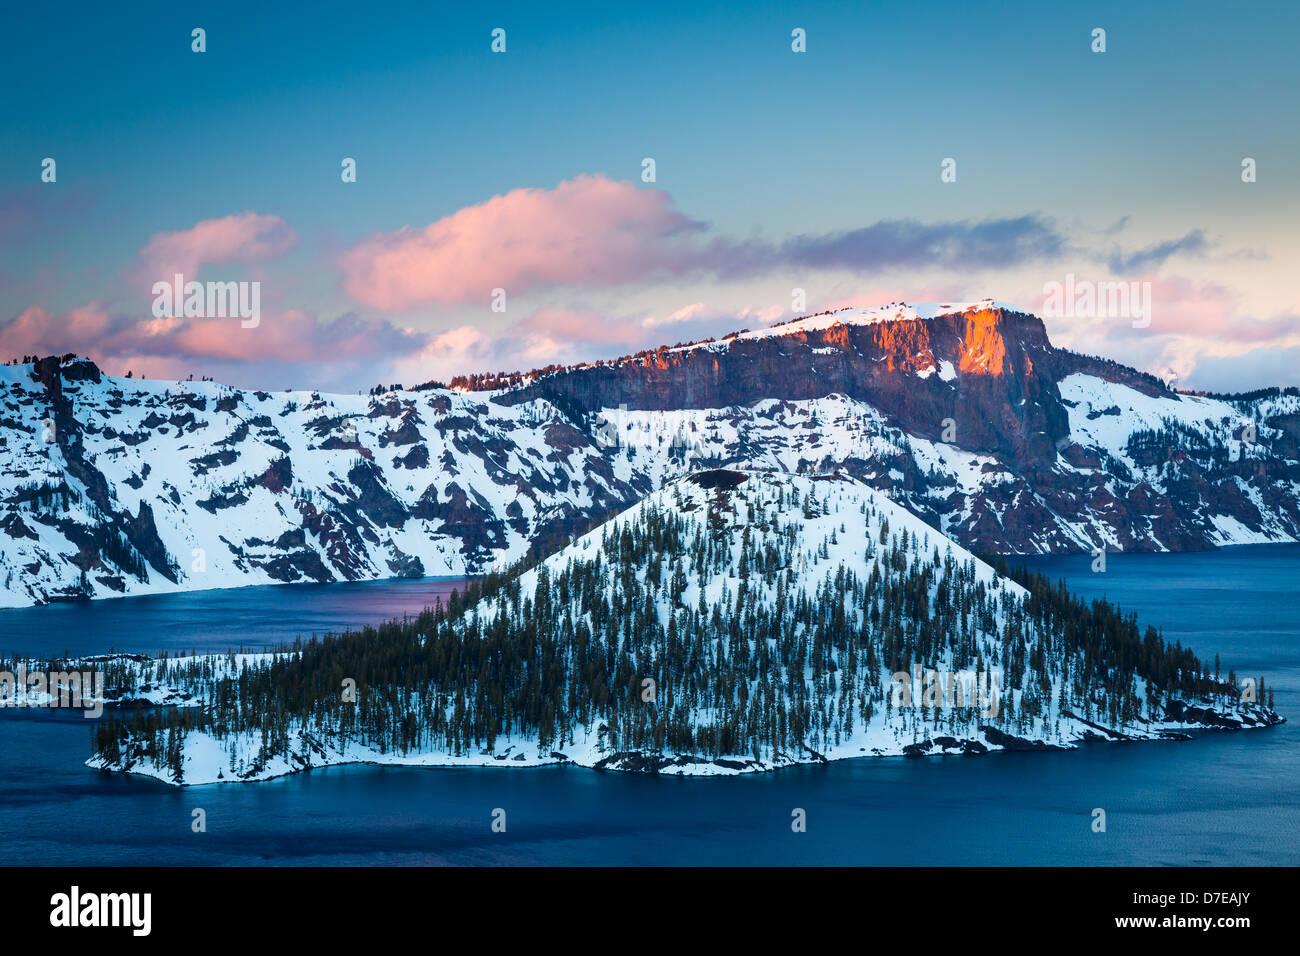 Crater Lake National Park, ubicado en el sur de Oregon, durante el invierno Foto de stock